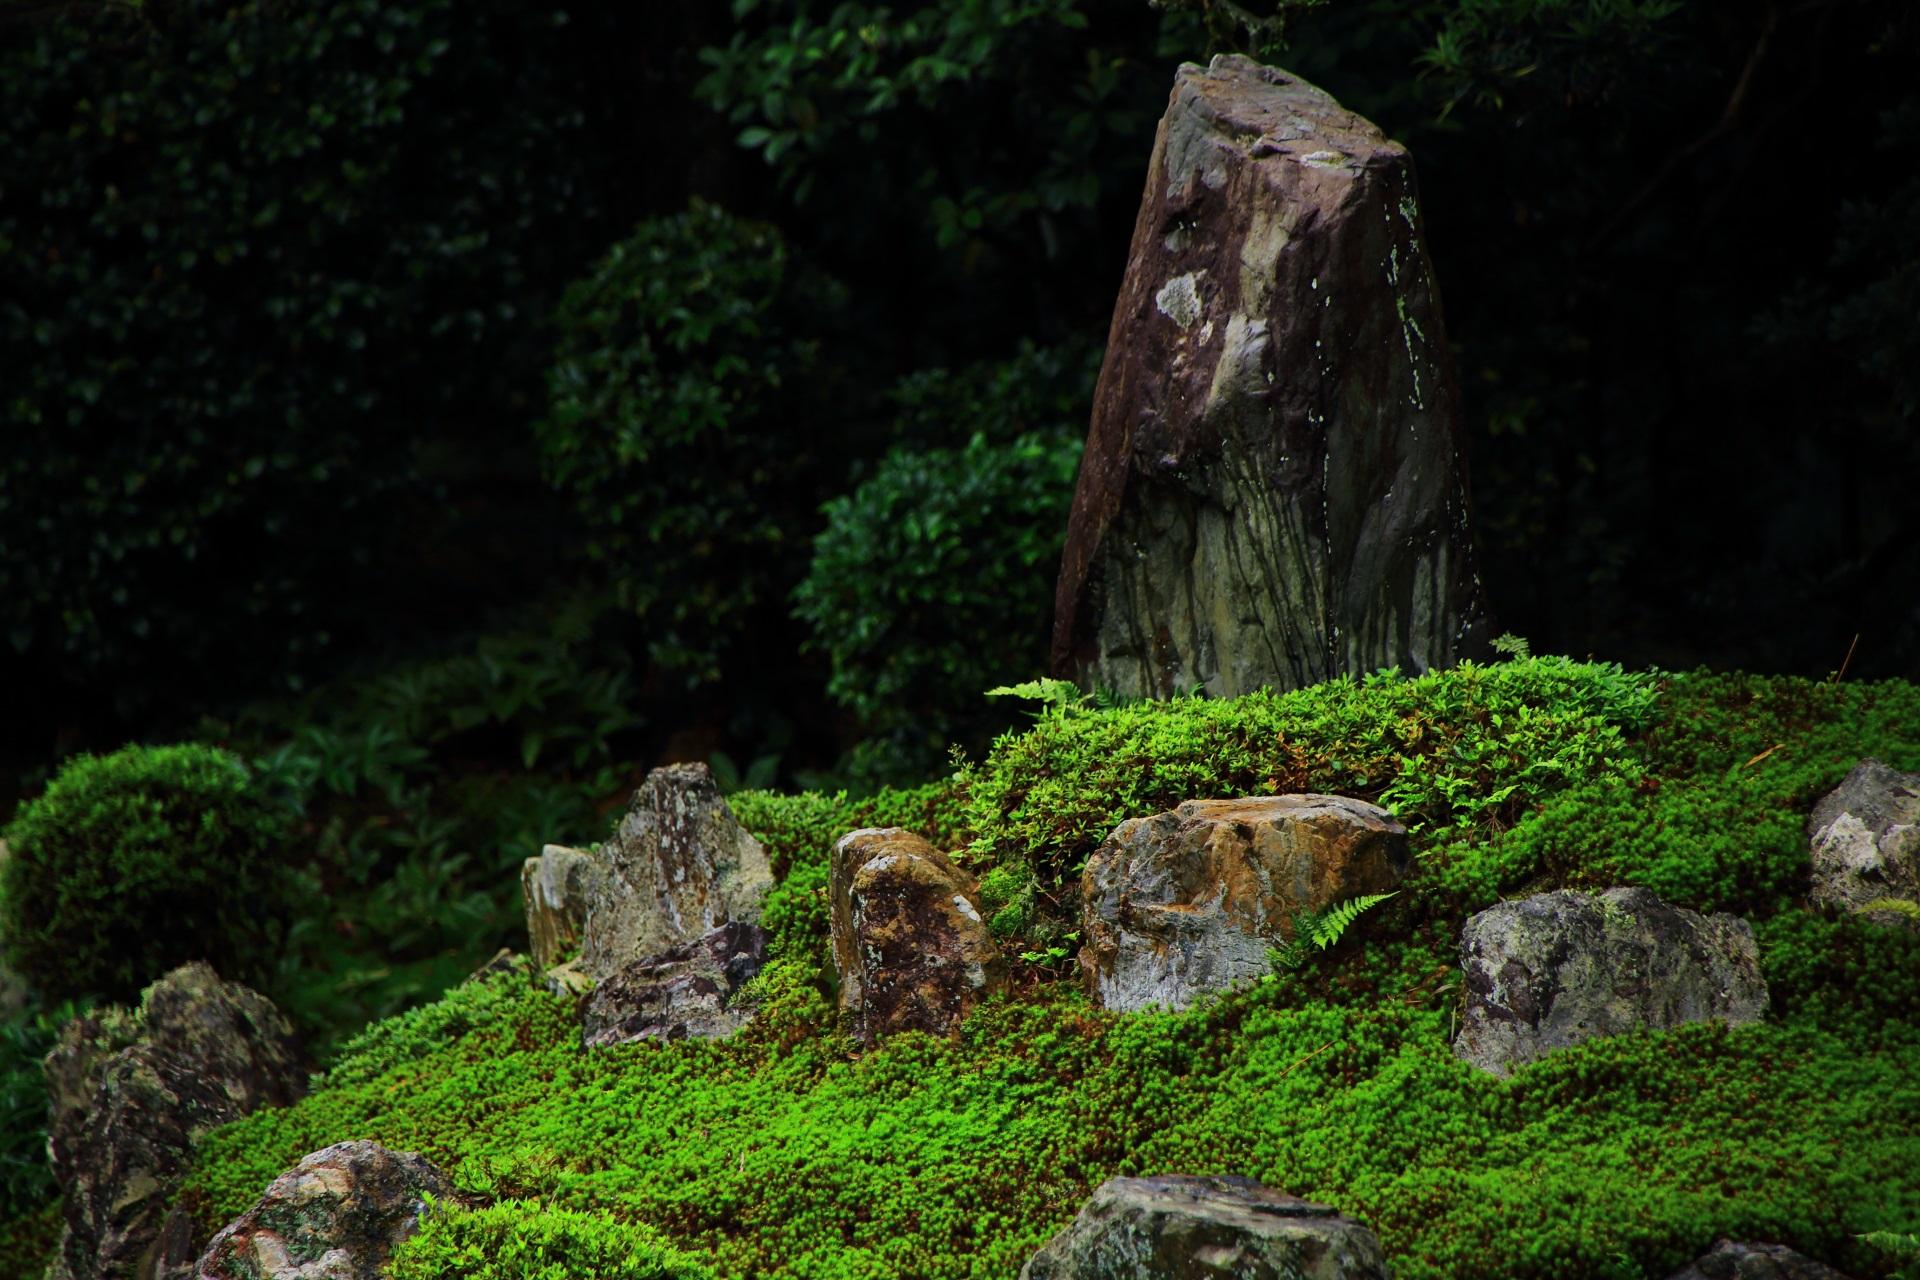 芬陀院の亀島の岩や苔